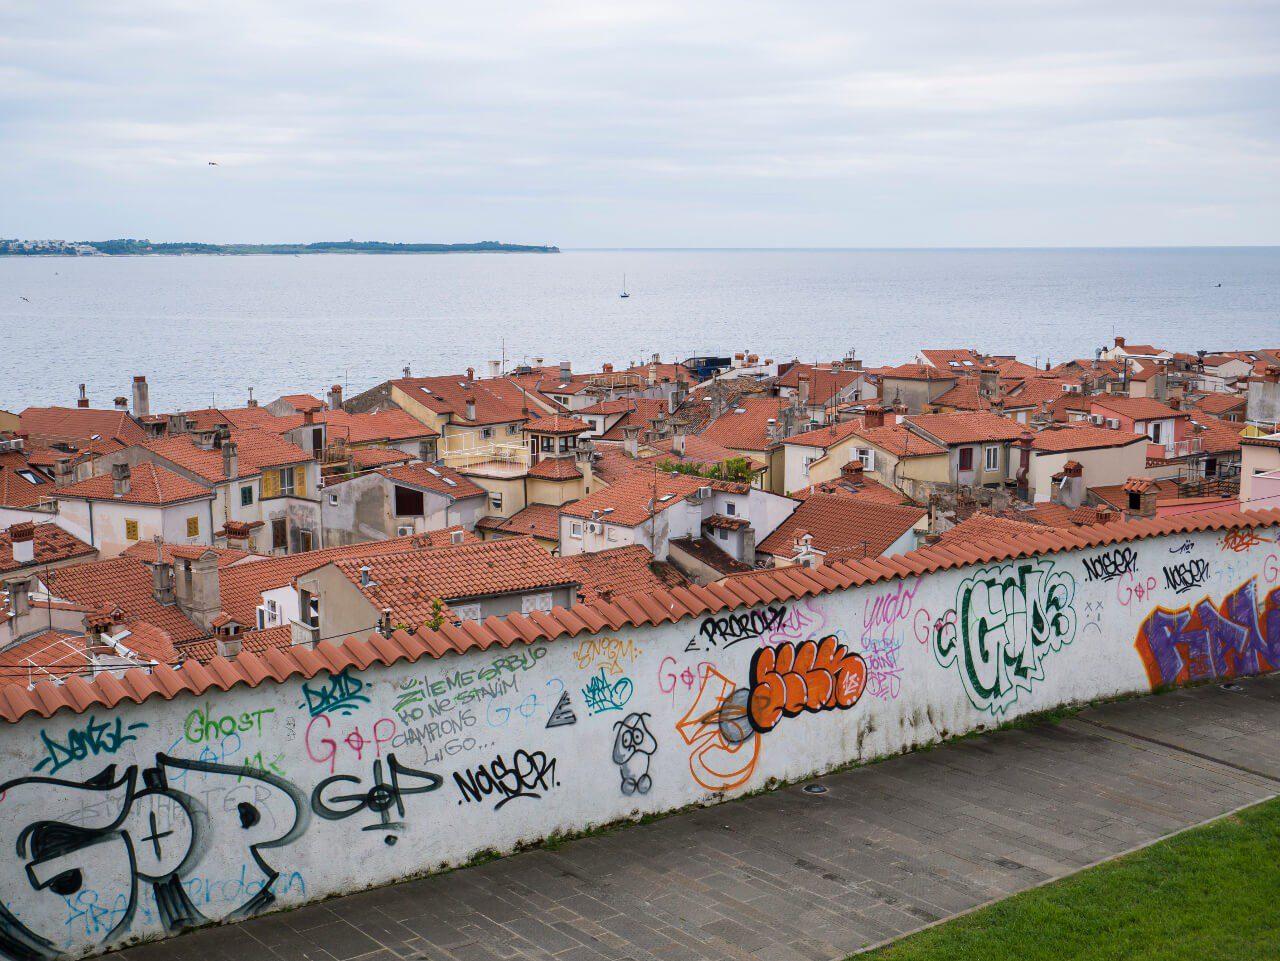 Zwarta zabudowa miasteczka Piran (Słowenia)